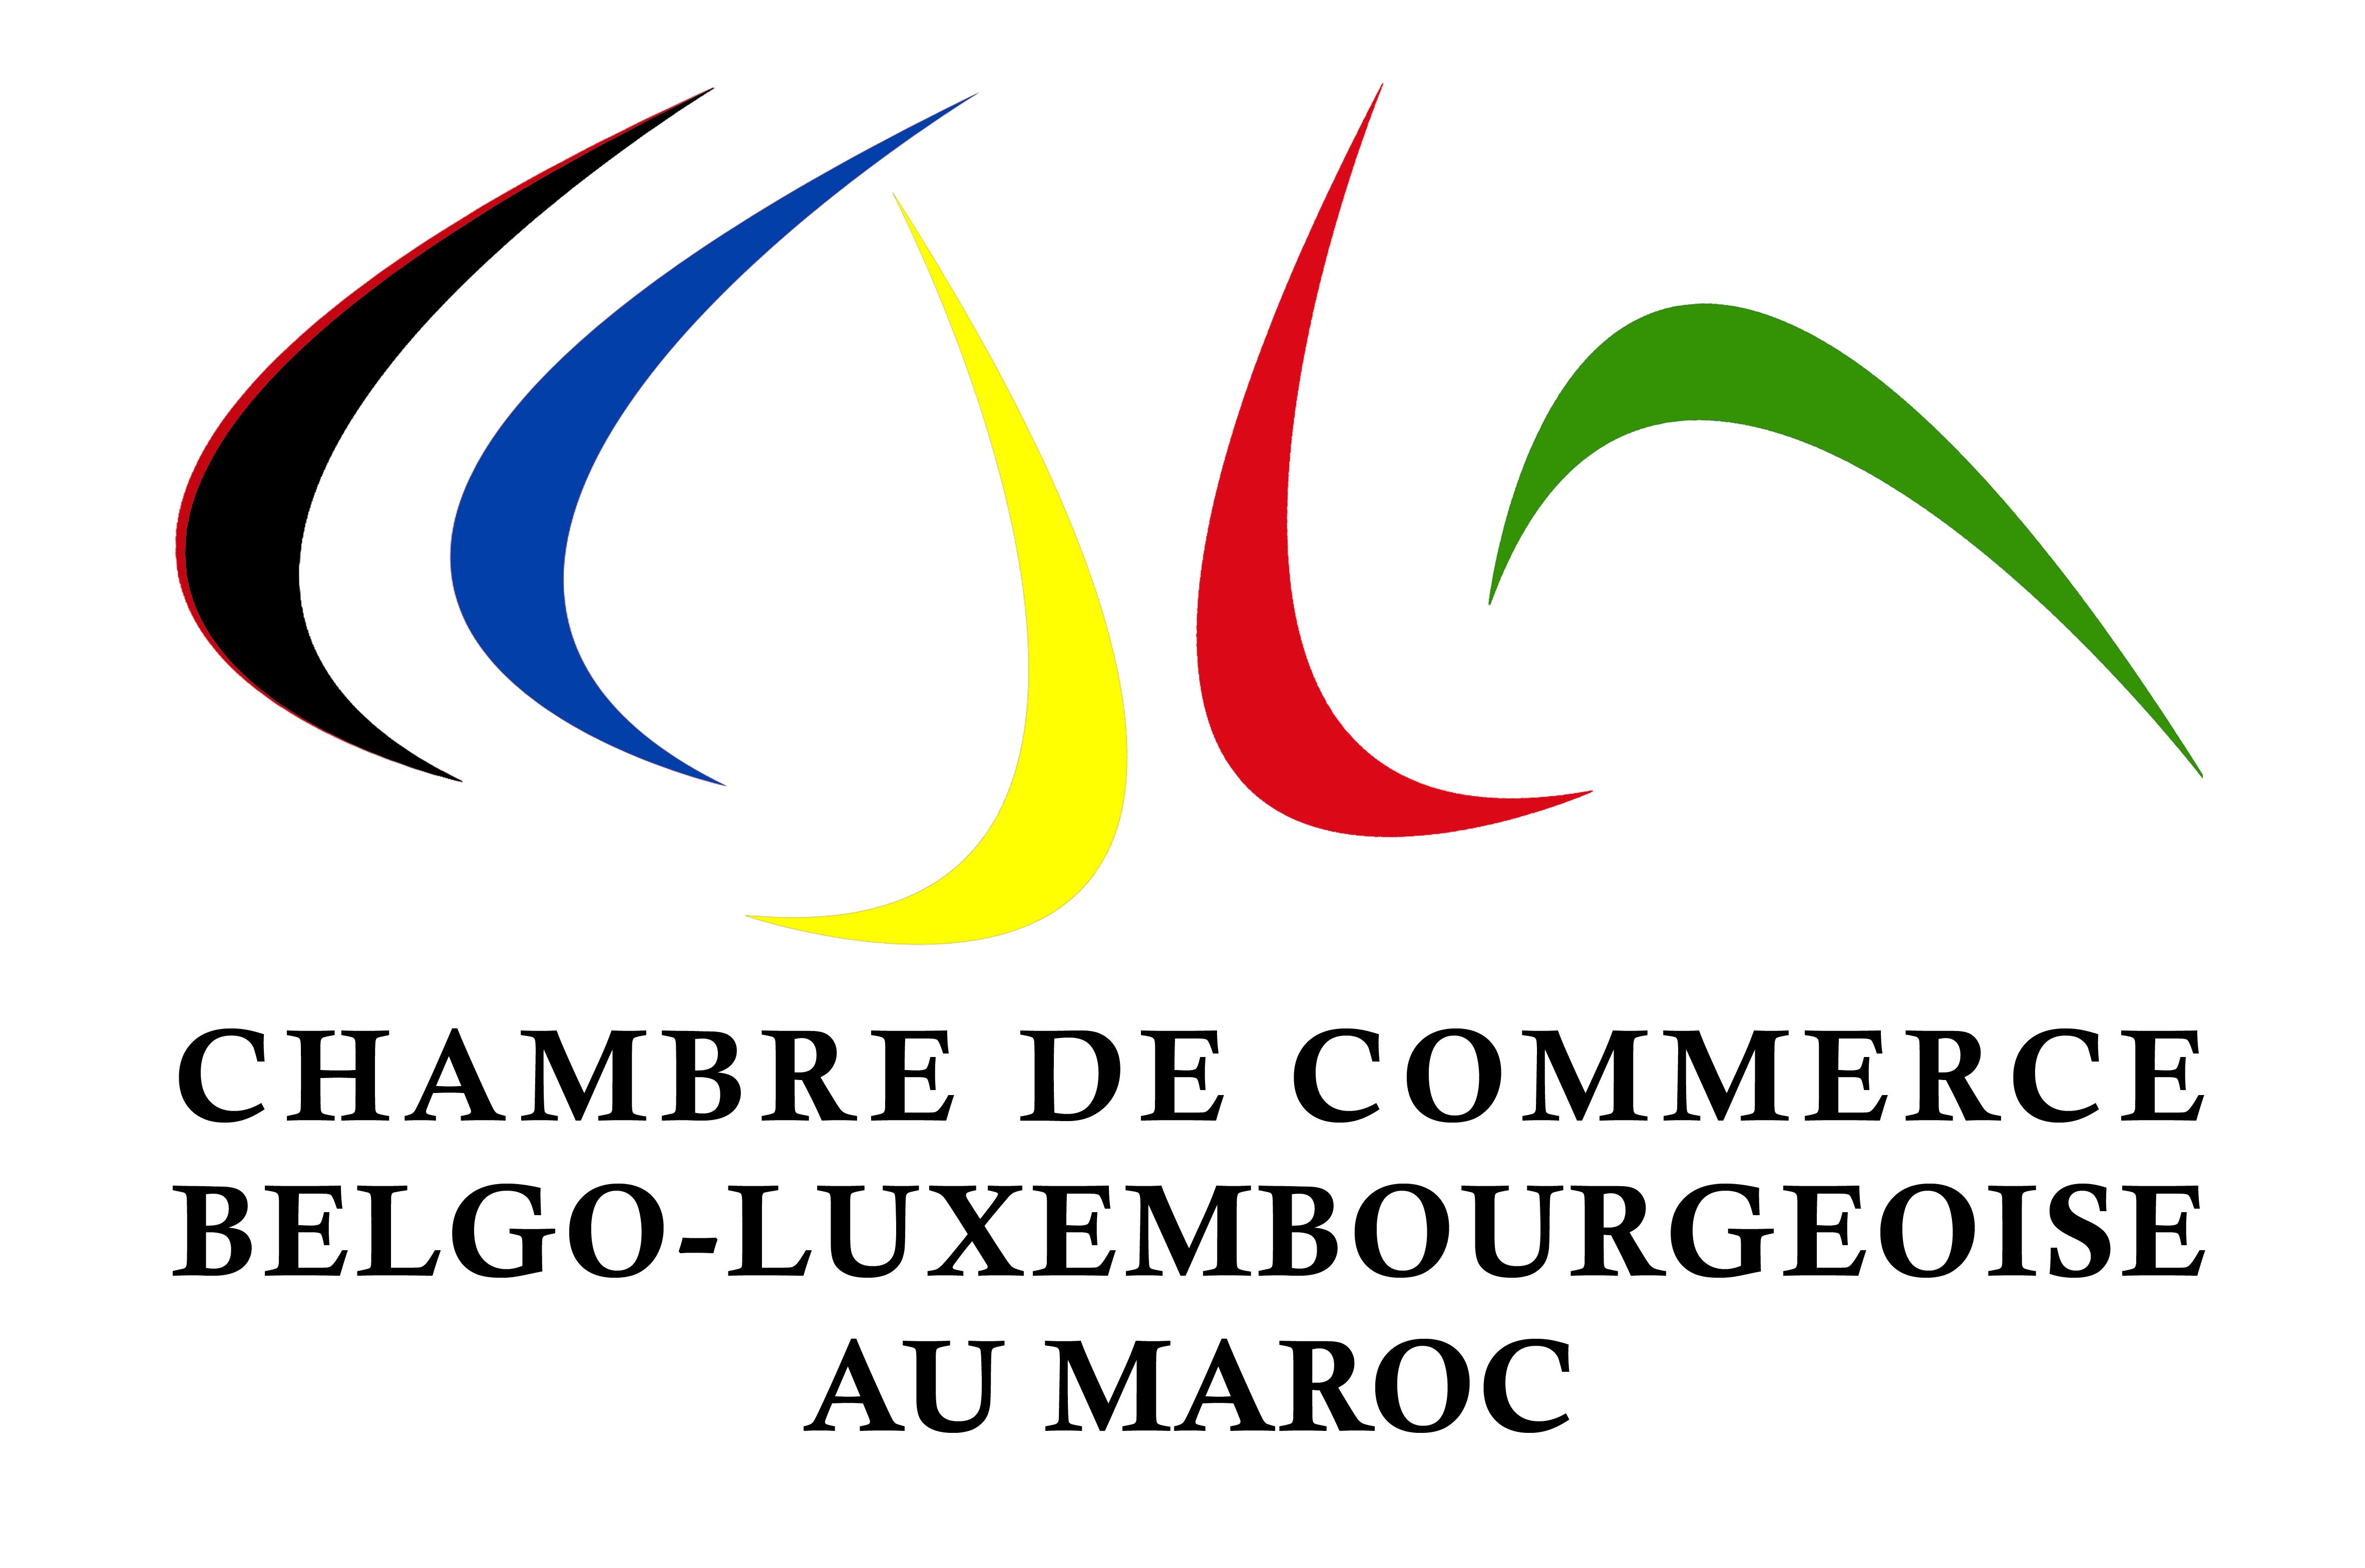 Chambre de Commerce Belgo-Luxembourgeoise au Maroc